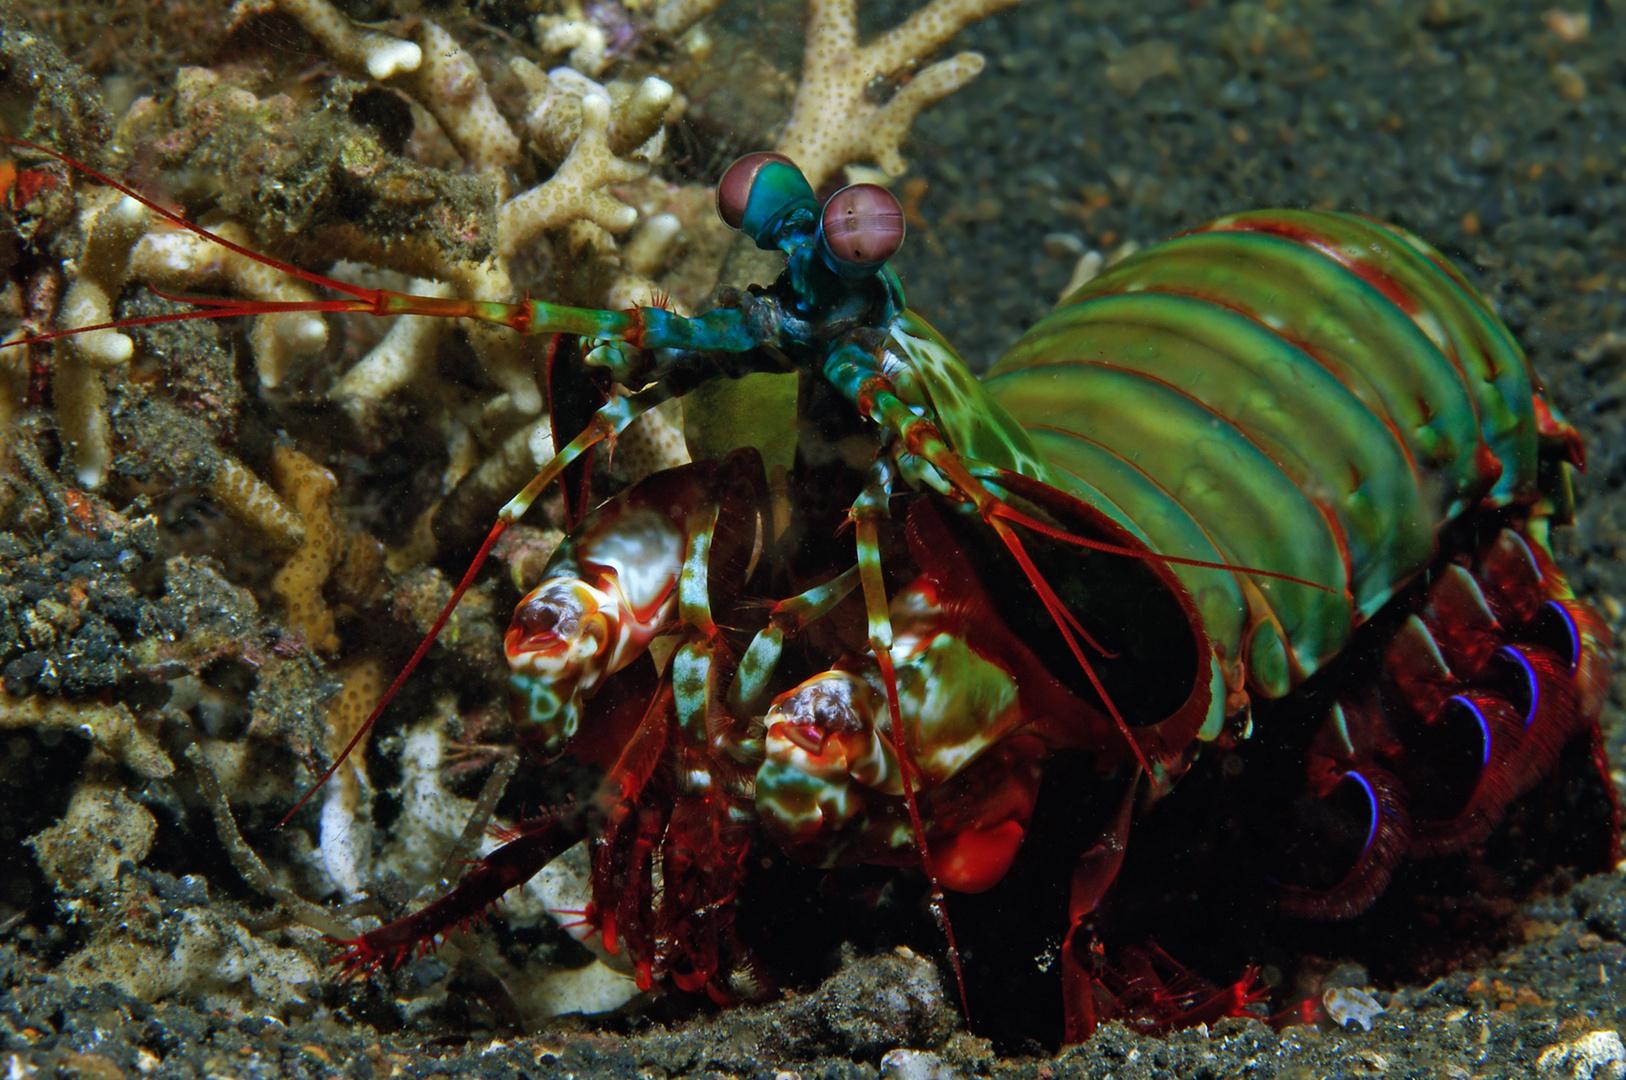 Fangschreckenkrebs (Manti Shrimp) Schmetterer